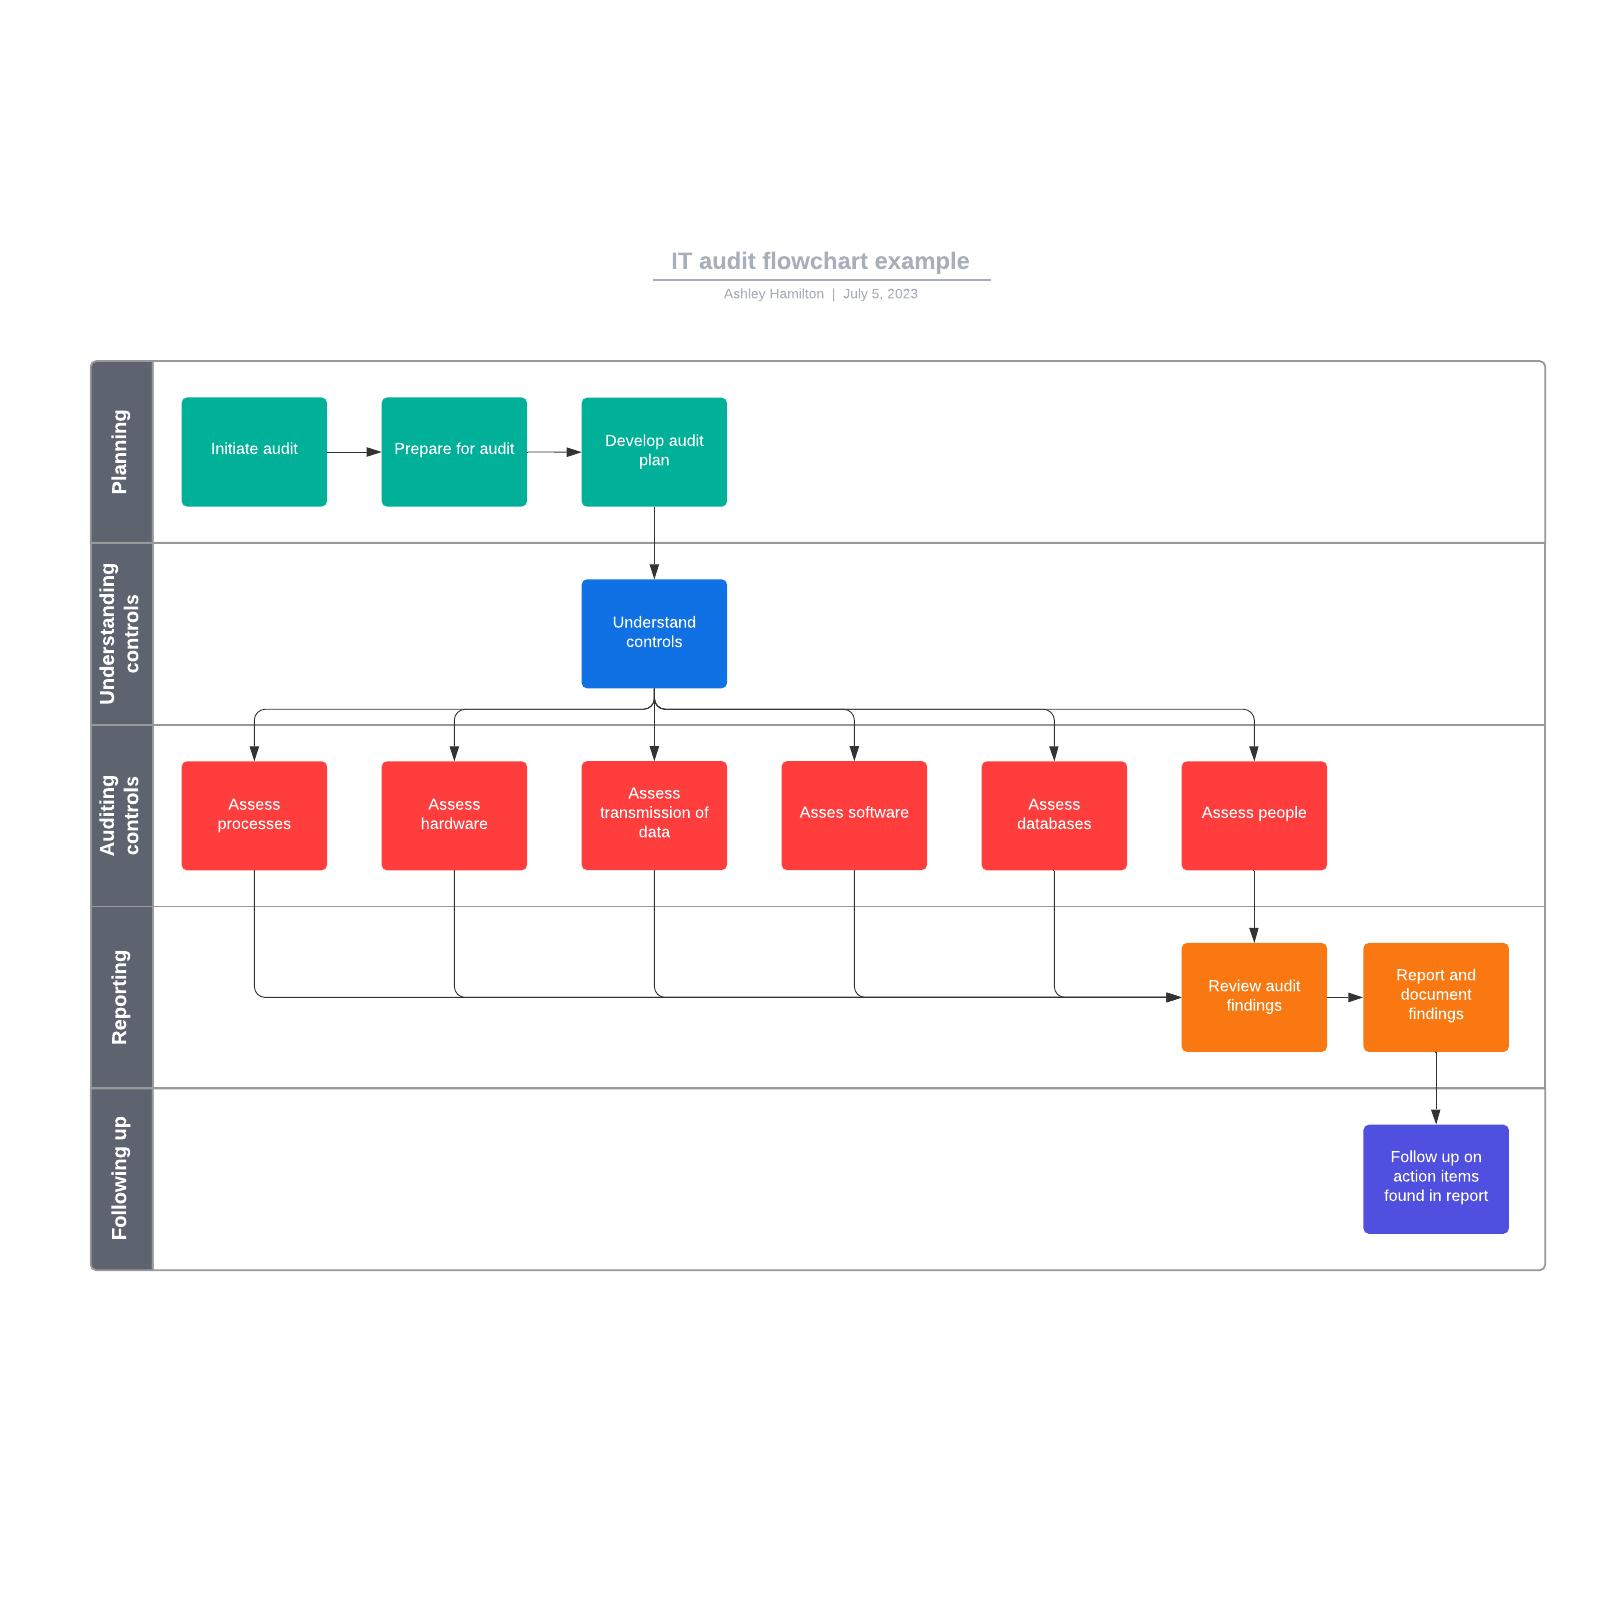 IT audit flowchart example